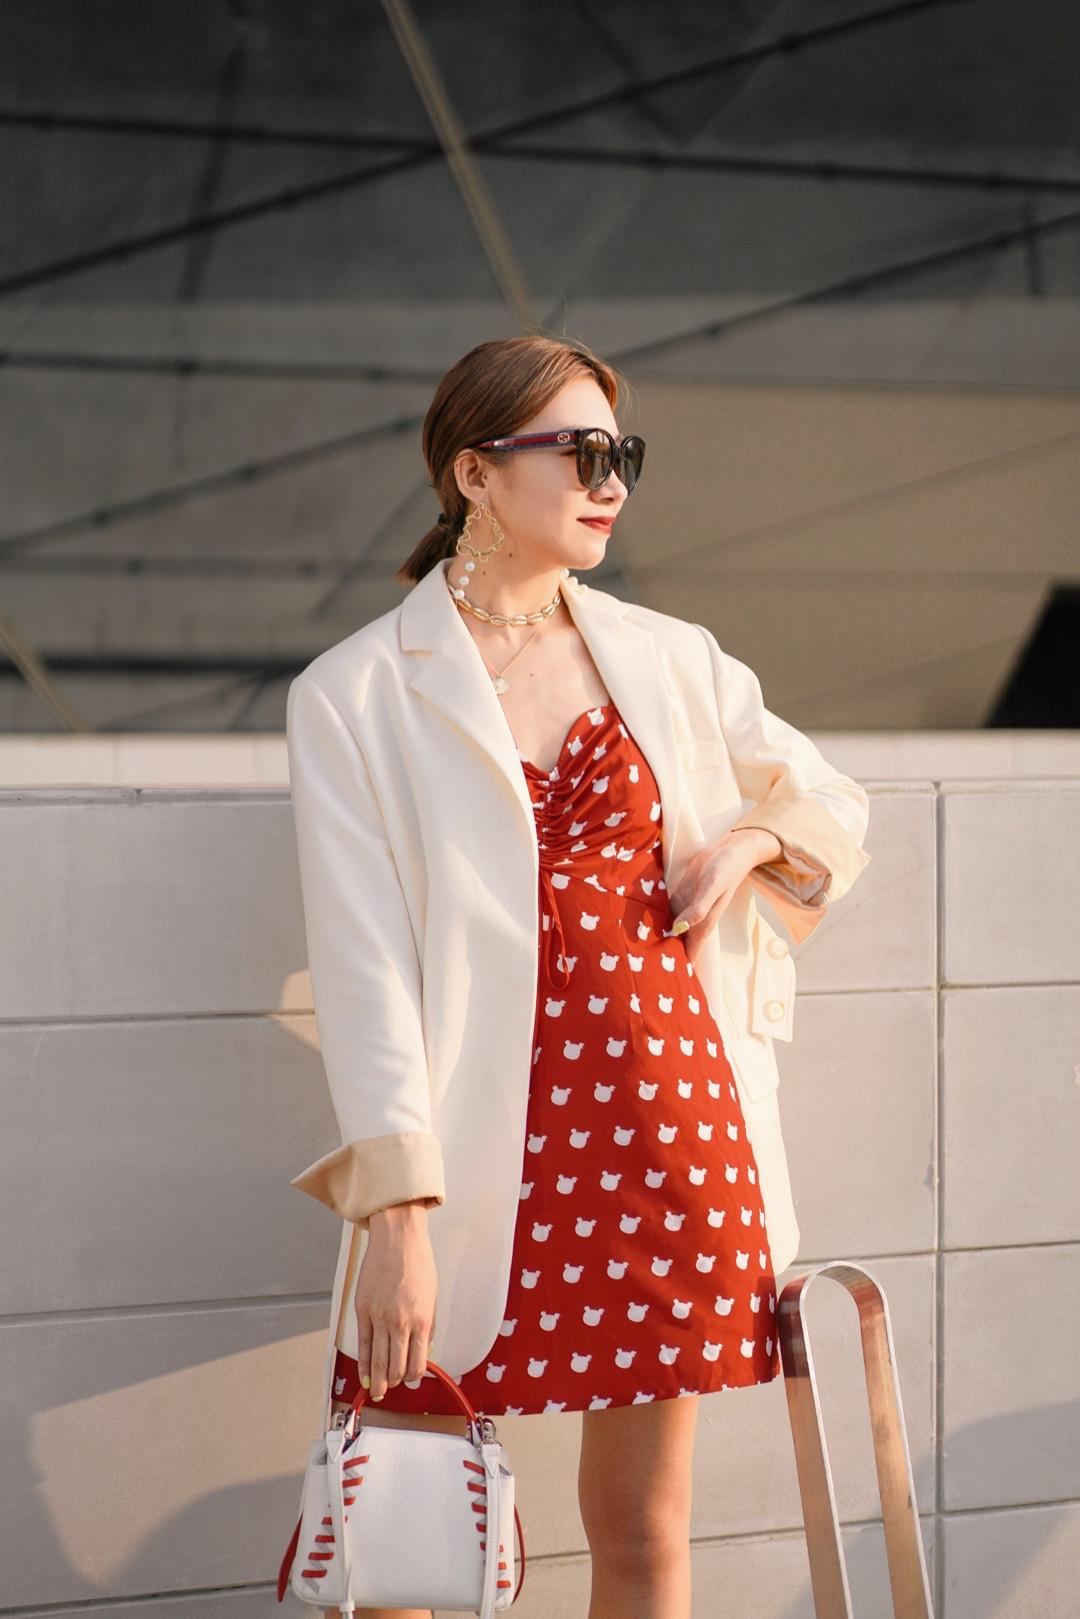 夏天是属于红色的🍒🍒🍒  最近喜欢上红色的单品,衣柜里刚收了很多件,接下来慢慢给大家更新~  带有米奇图案的红色吊带连衣裙既可爱又俏皮,单穿会非常显腰身和腿长,搭配西装外套和经典黑墨镜增加酷感和时髦度,金属感的配饰则带有一丝都市感,让整个look显得不这么清新可爱。  连衣裙:POLLYANNAKEONG 包包:ZESH 高跟鞋:JEFFREY CAMPBELL 墨镜:GUCCI 配饰:OOK全球美饰 #自带桃花运的520脱单look#